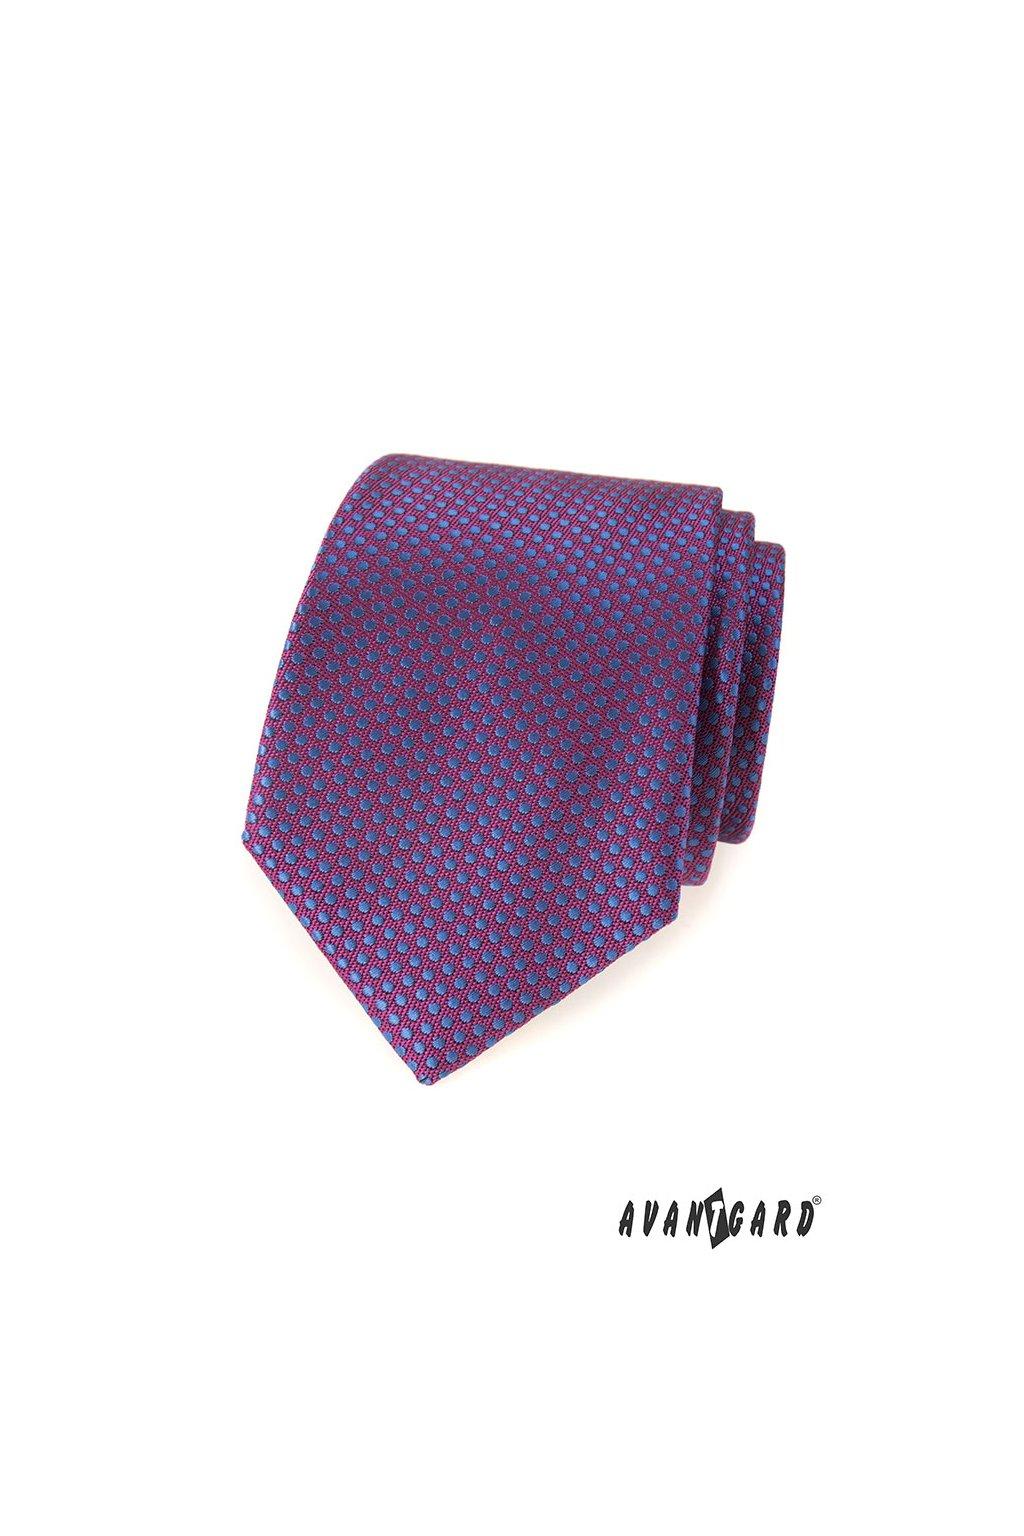 Fialová luxusní kravata s tečkou 561 - 81186